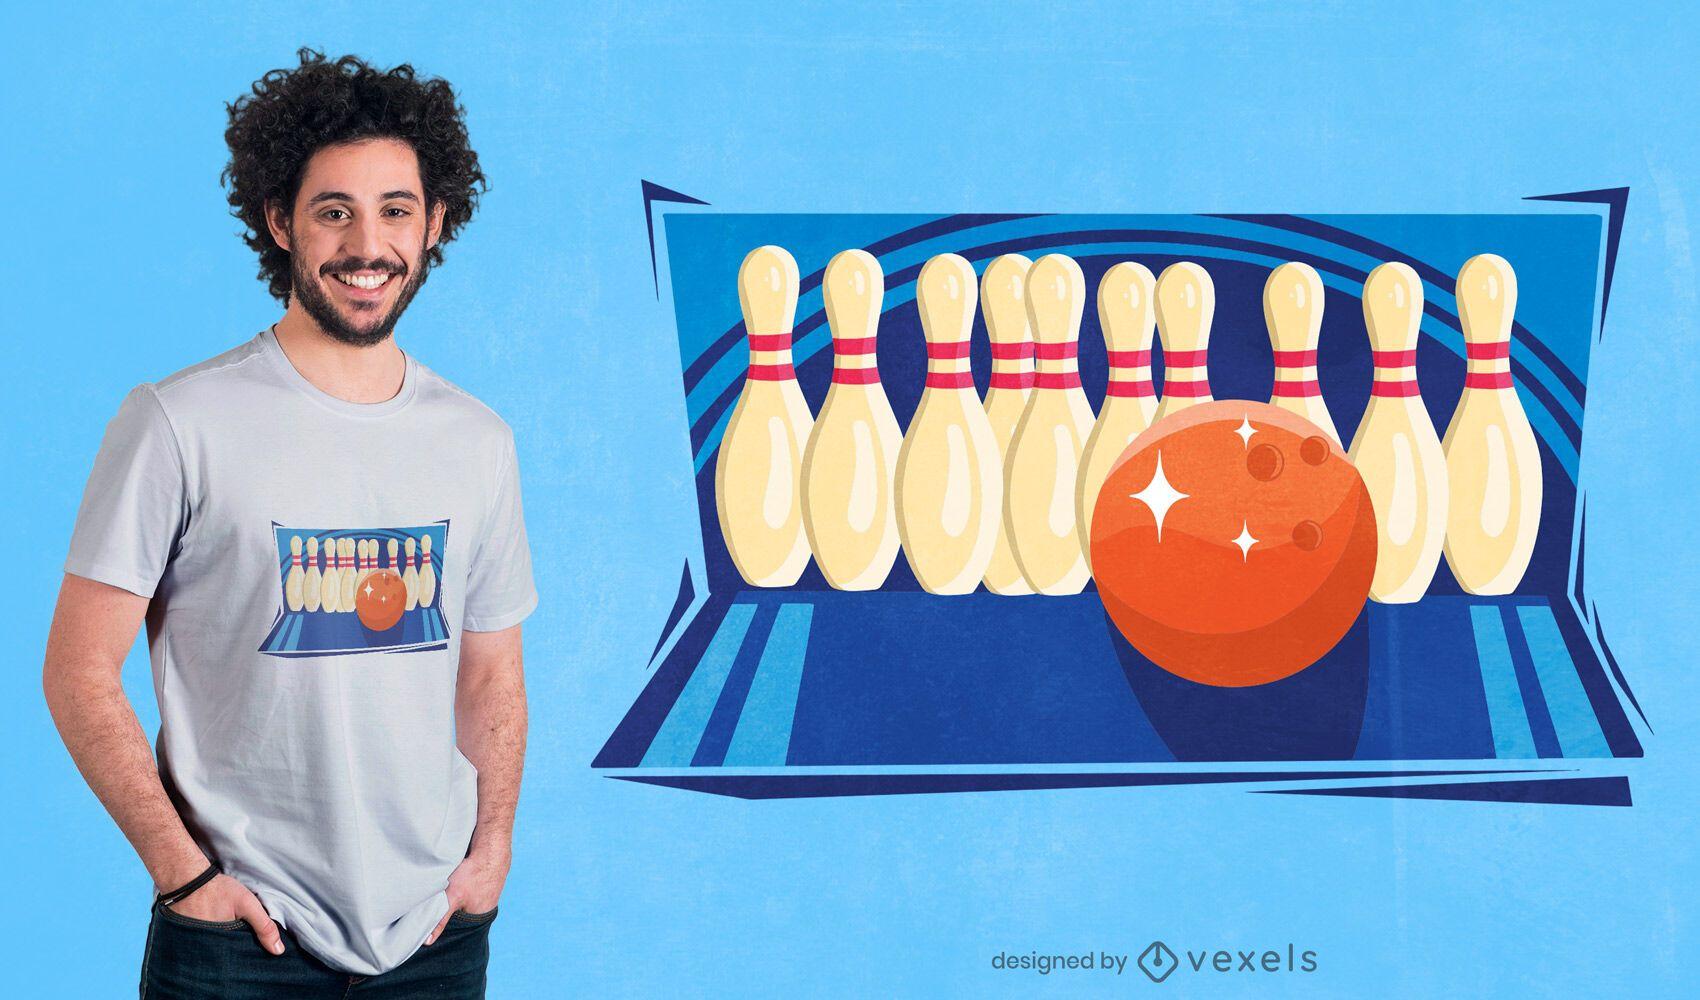 Bolos y diseño de camiseta de bola.